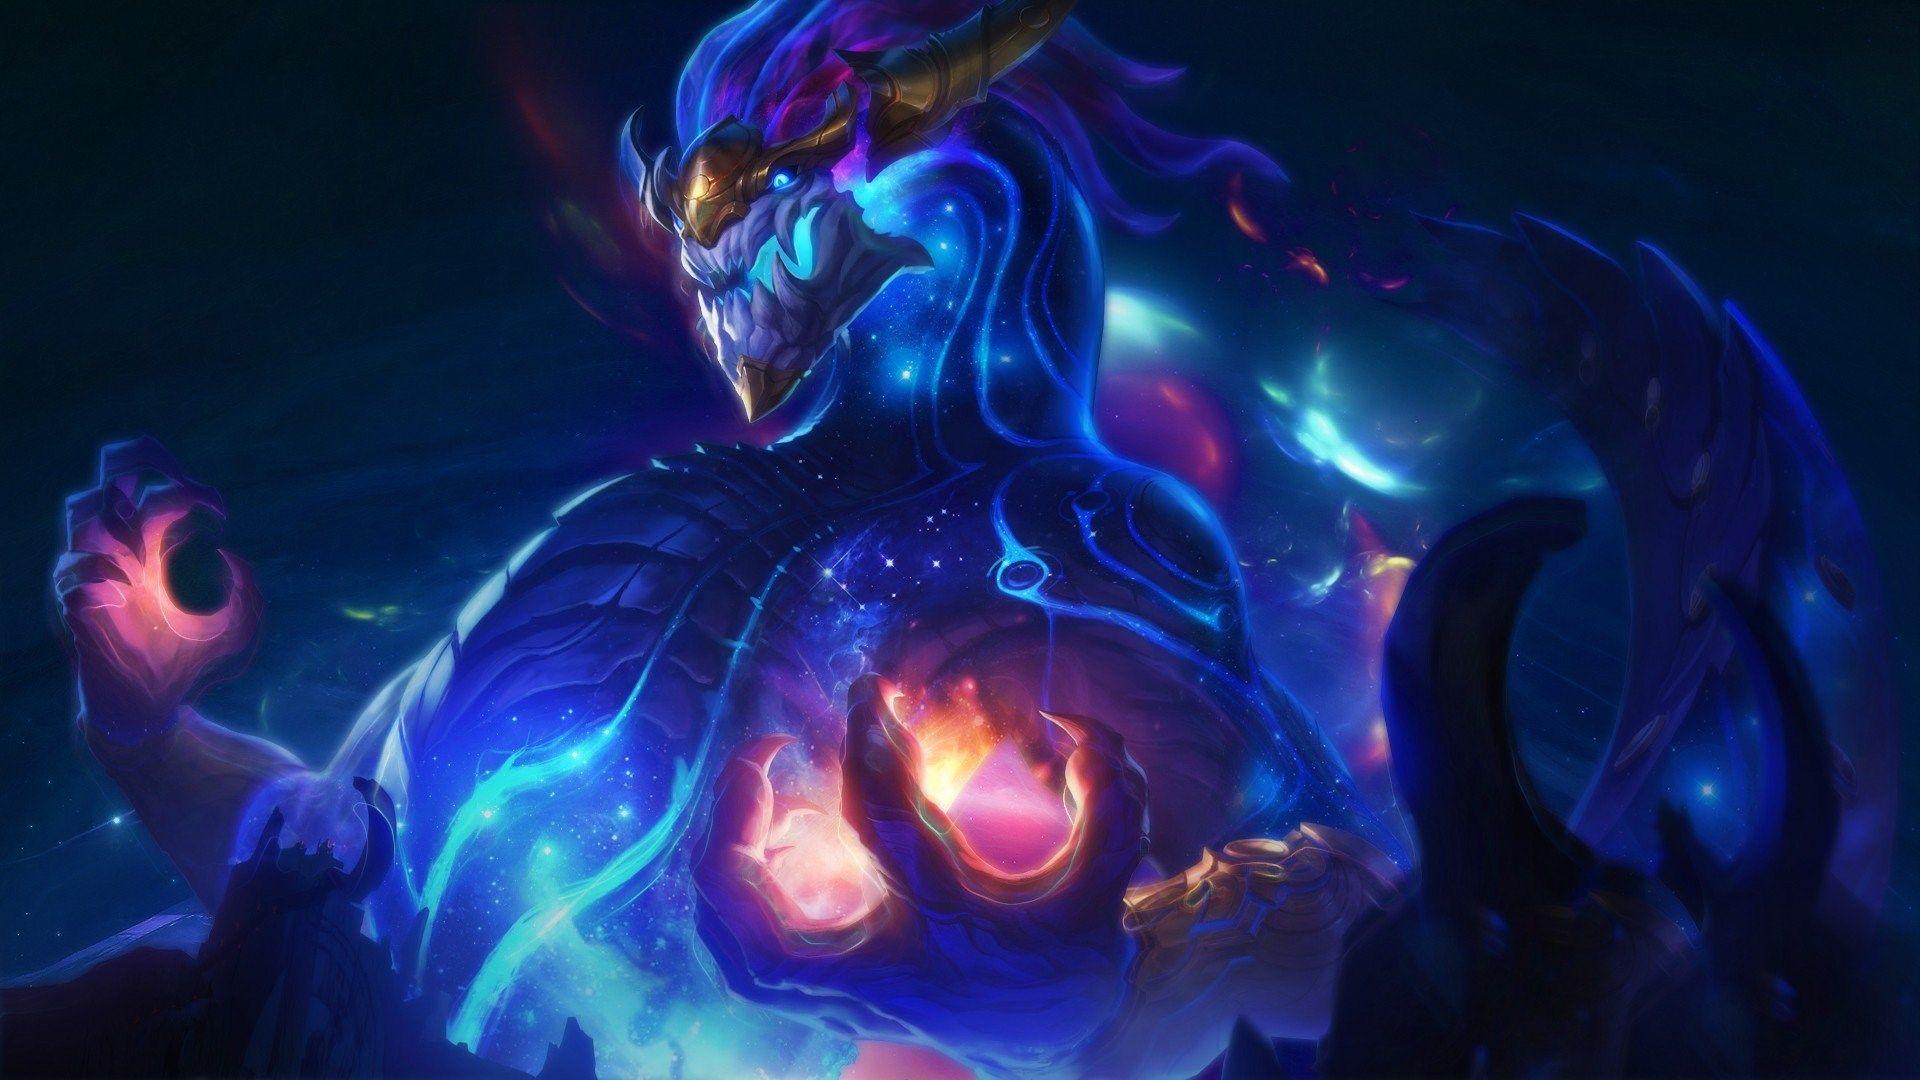 aurelion sol league of legends Wallpapers  League of legends, Lol